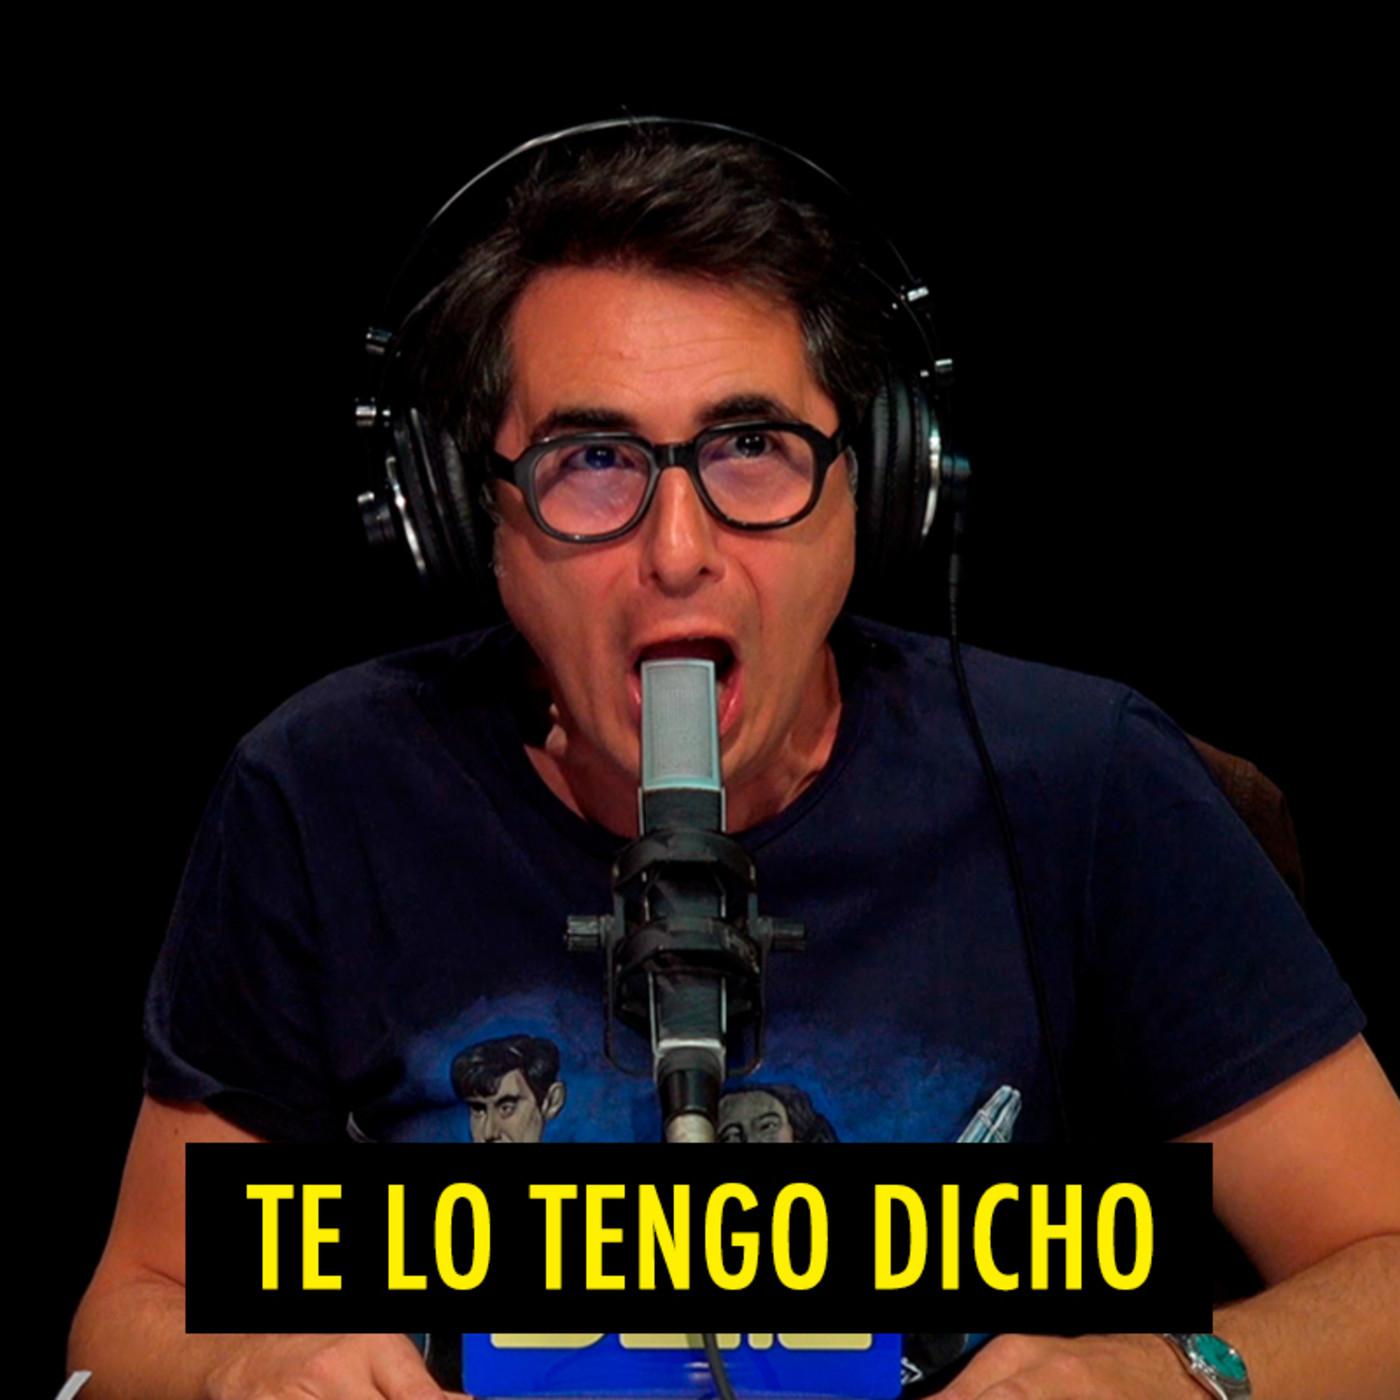 TE LO TENGO DICHO #17.7 - Lo mejor de Nadie Sabe Nada (09.2020)